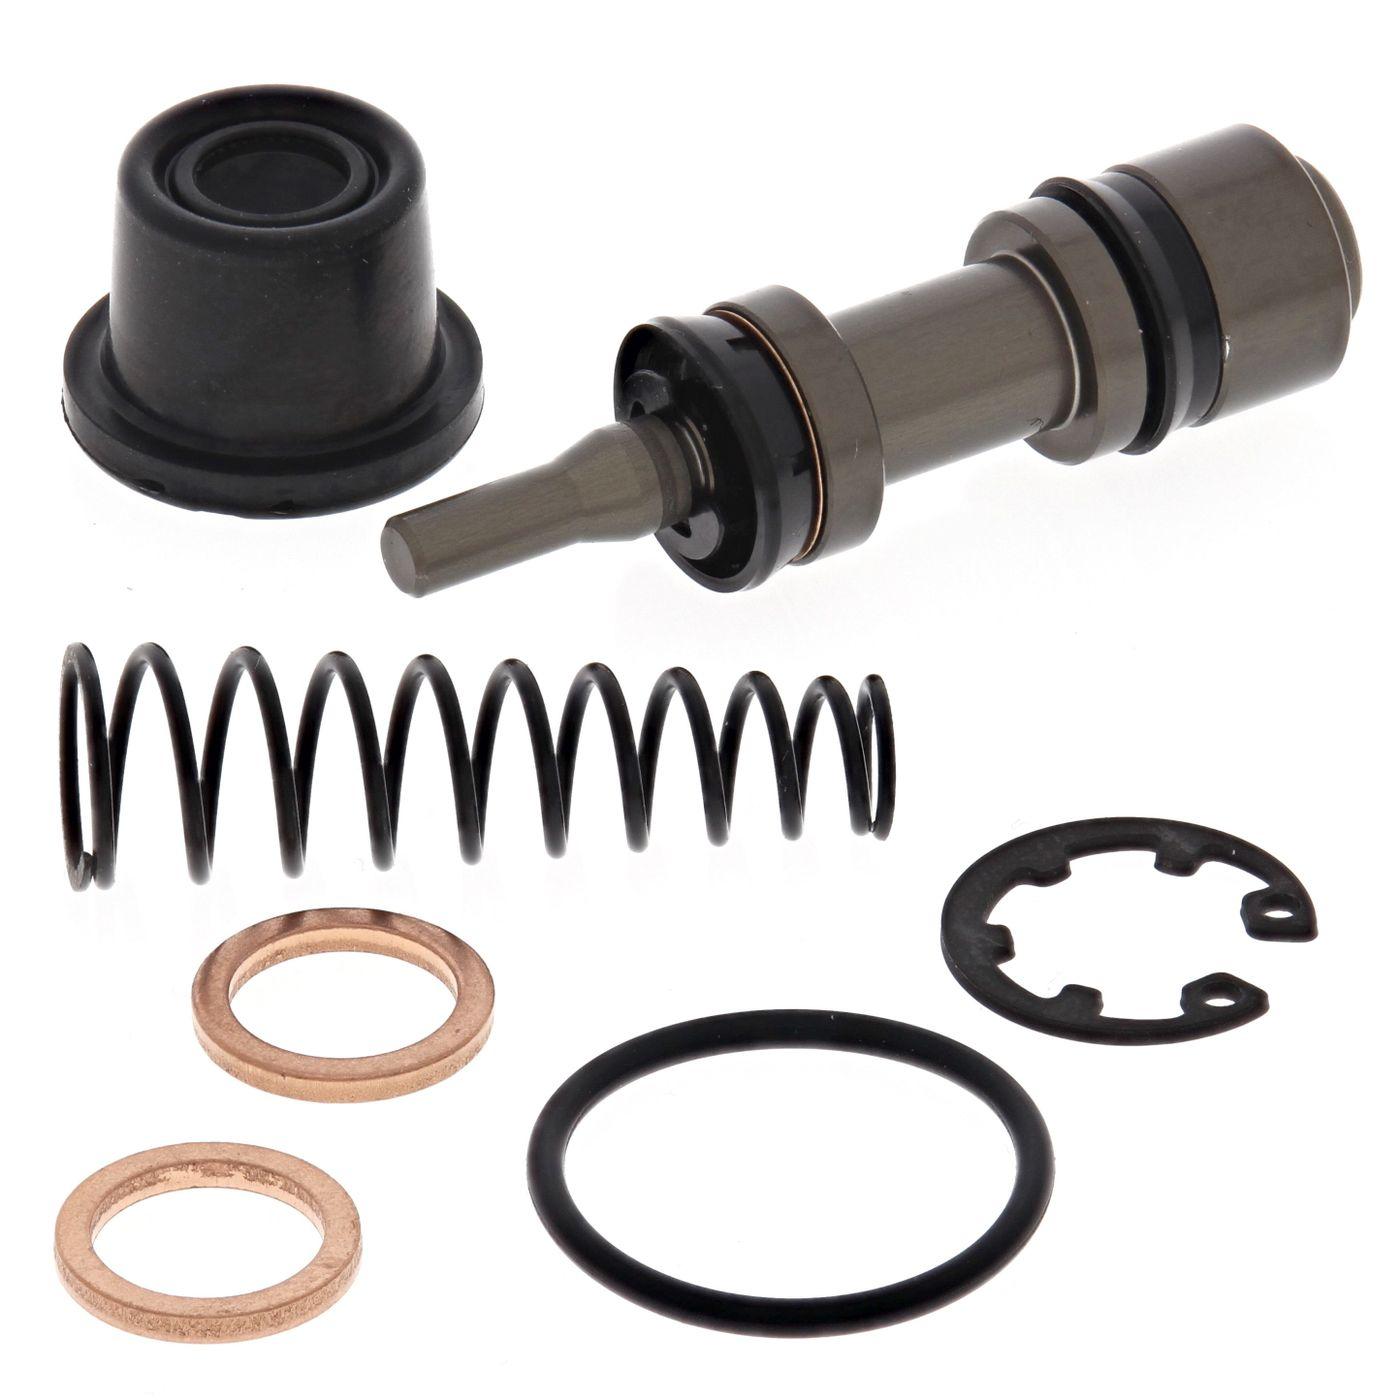 Wrp Master Cylinder Repair Kit - WRP181028 image